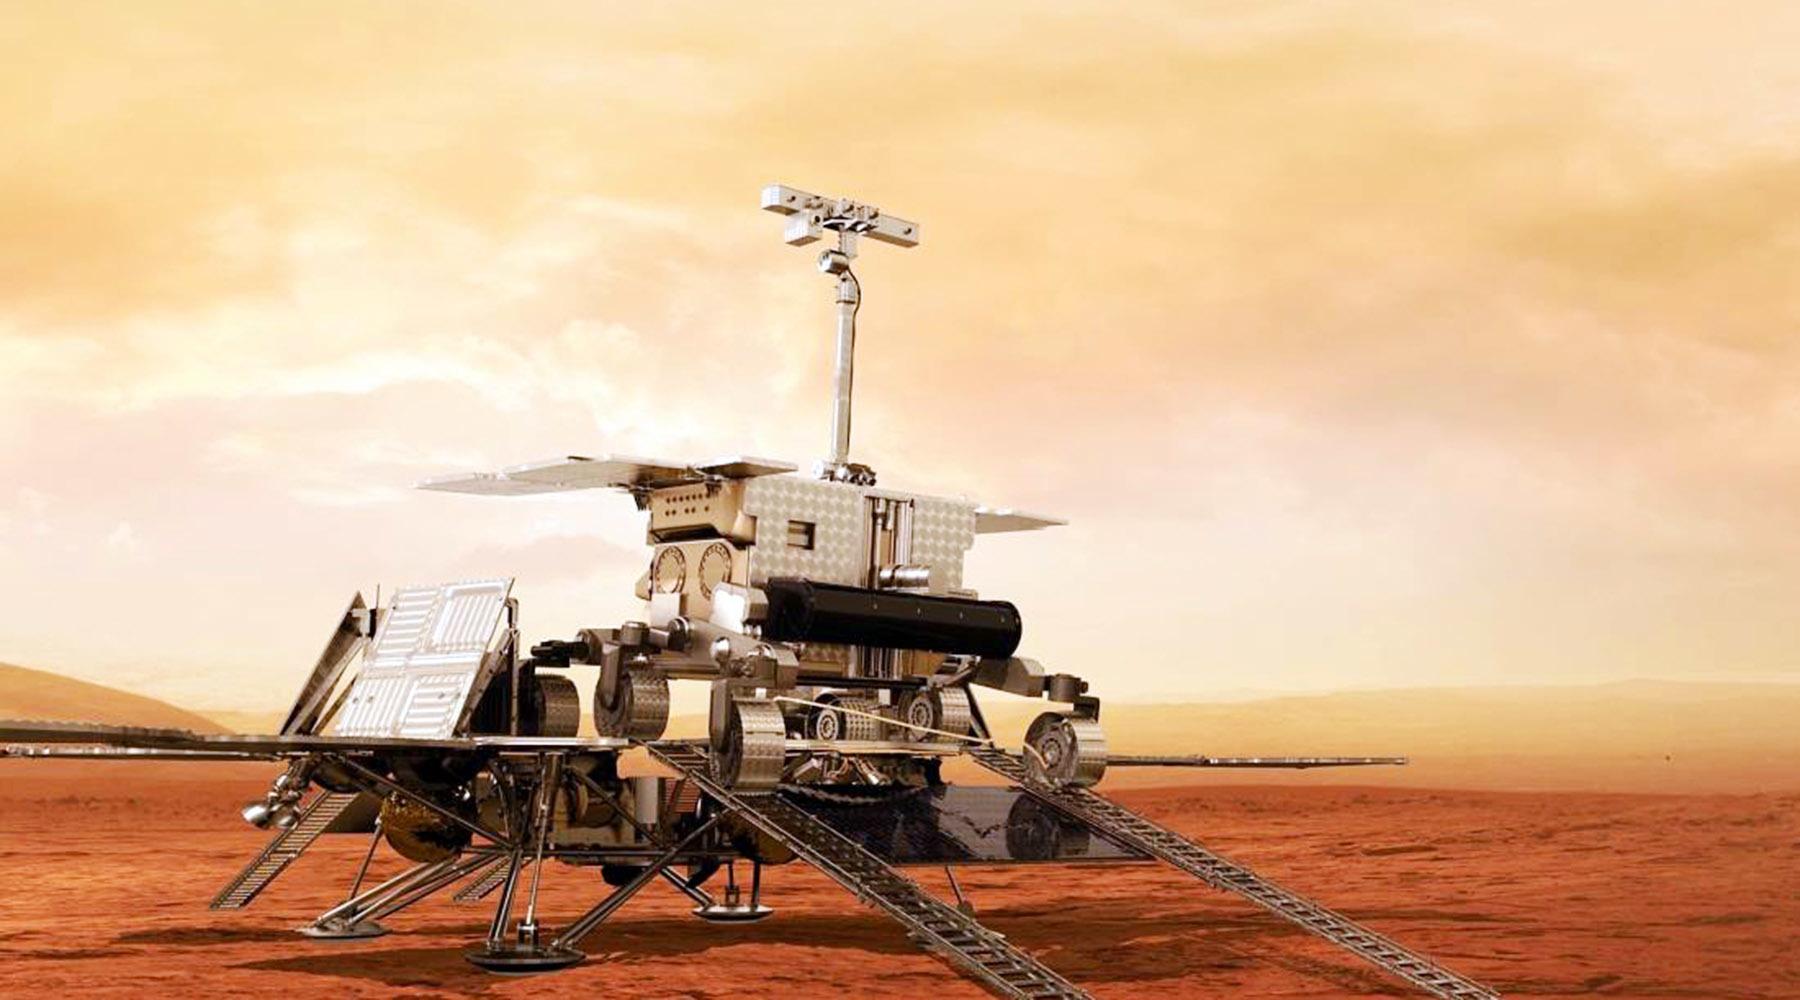 Изучение Марса, мегаколлайдер и сверхпроводники: самые ожидаемые события 2020 года в мире науки